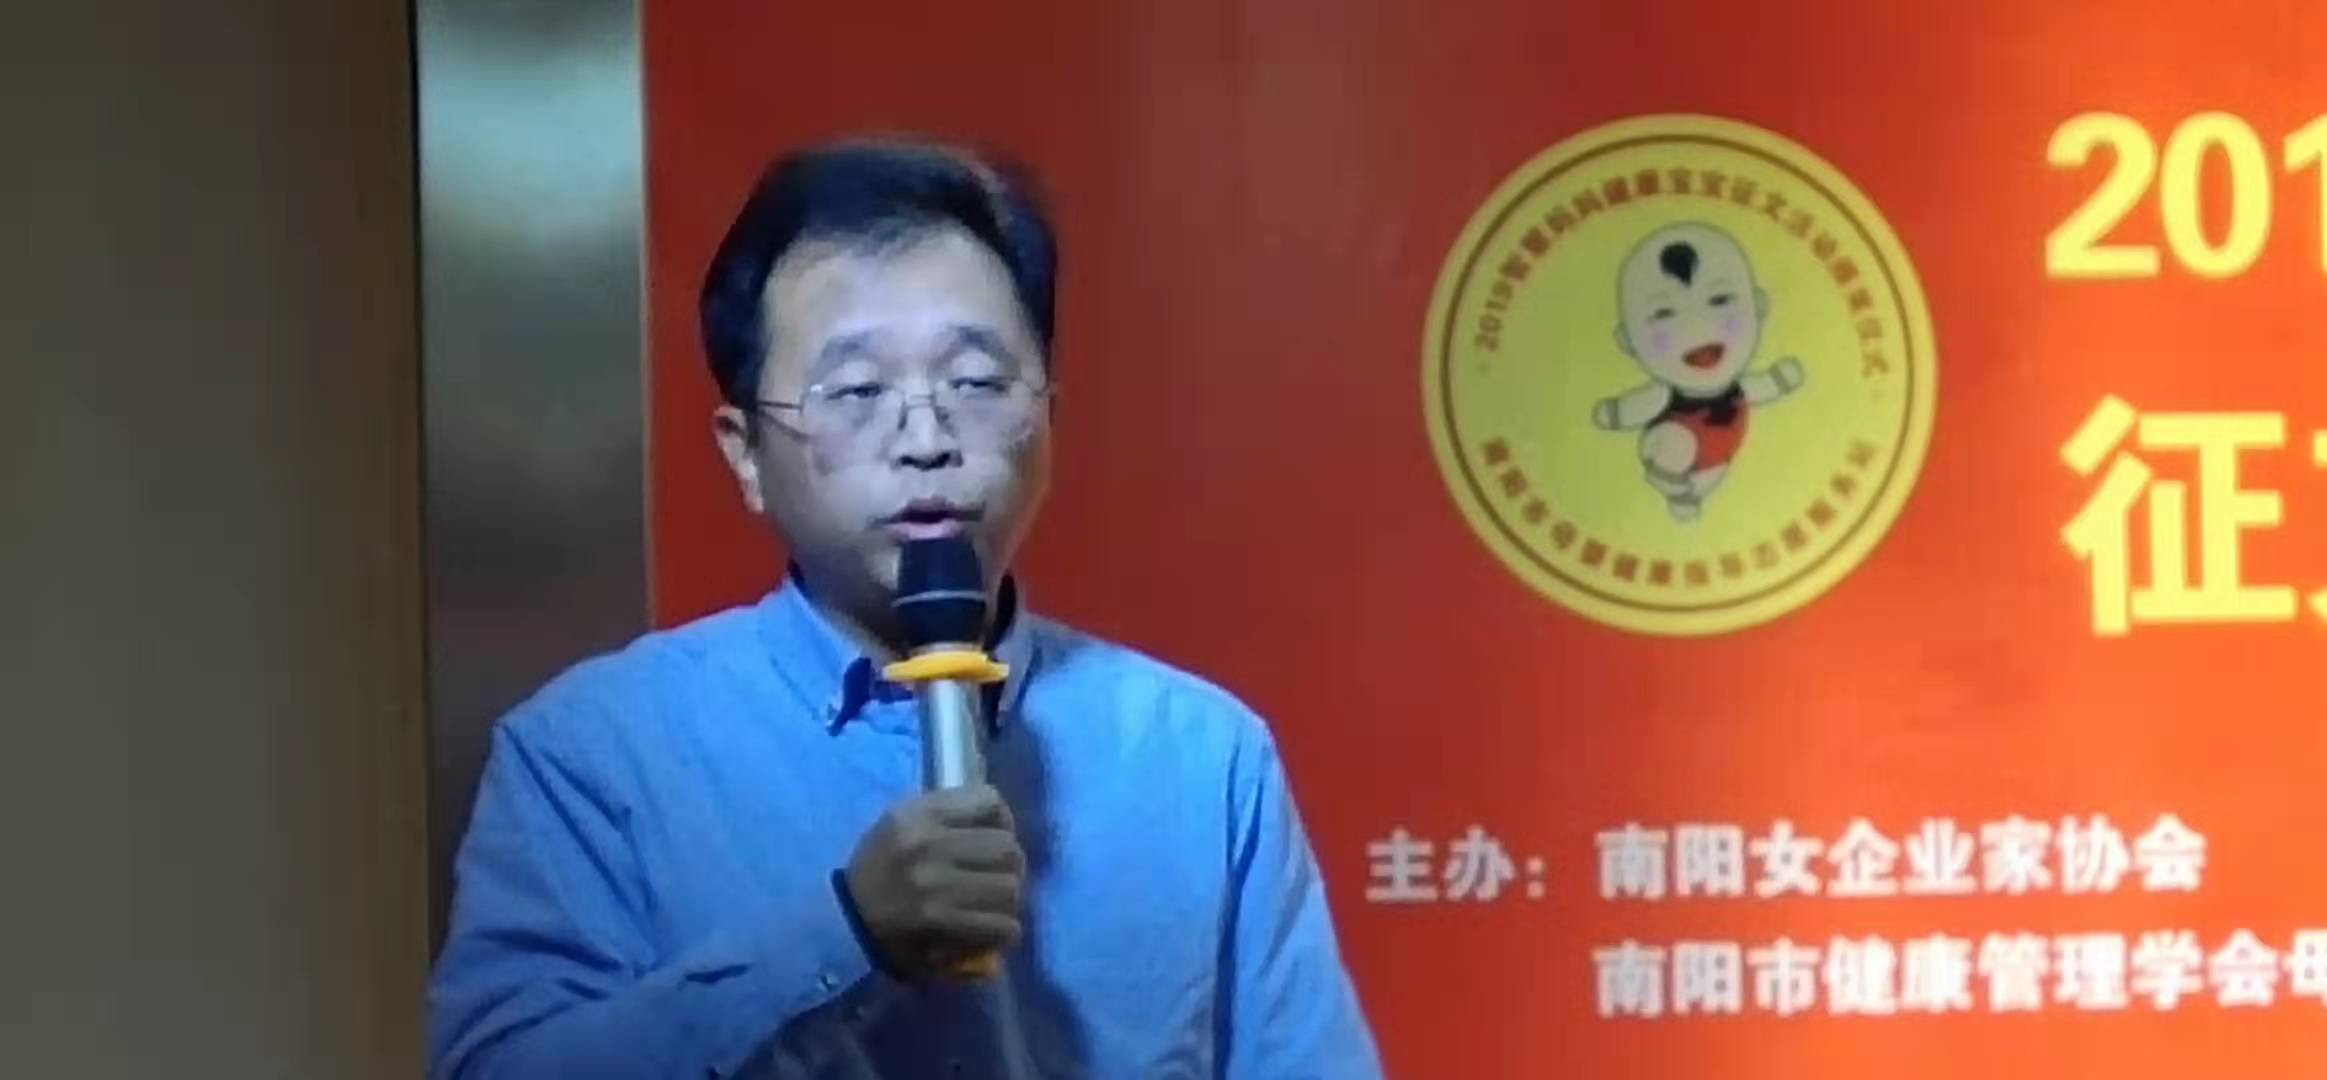 2019智慧妈妈健康宝宝颁奖典礼在南阳天伦完美收官